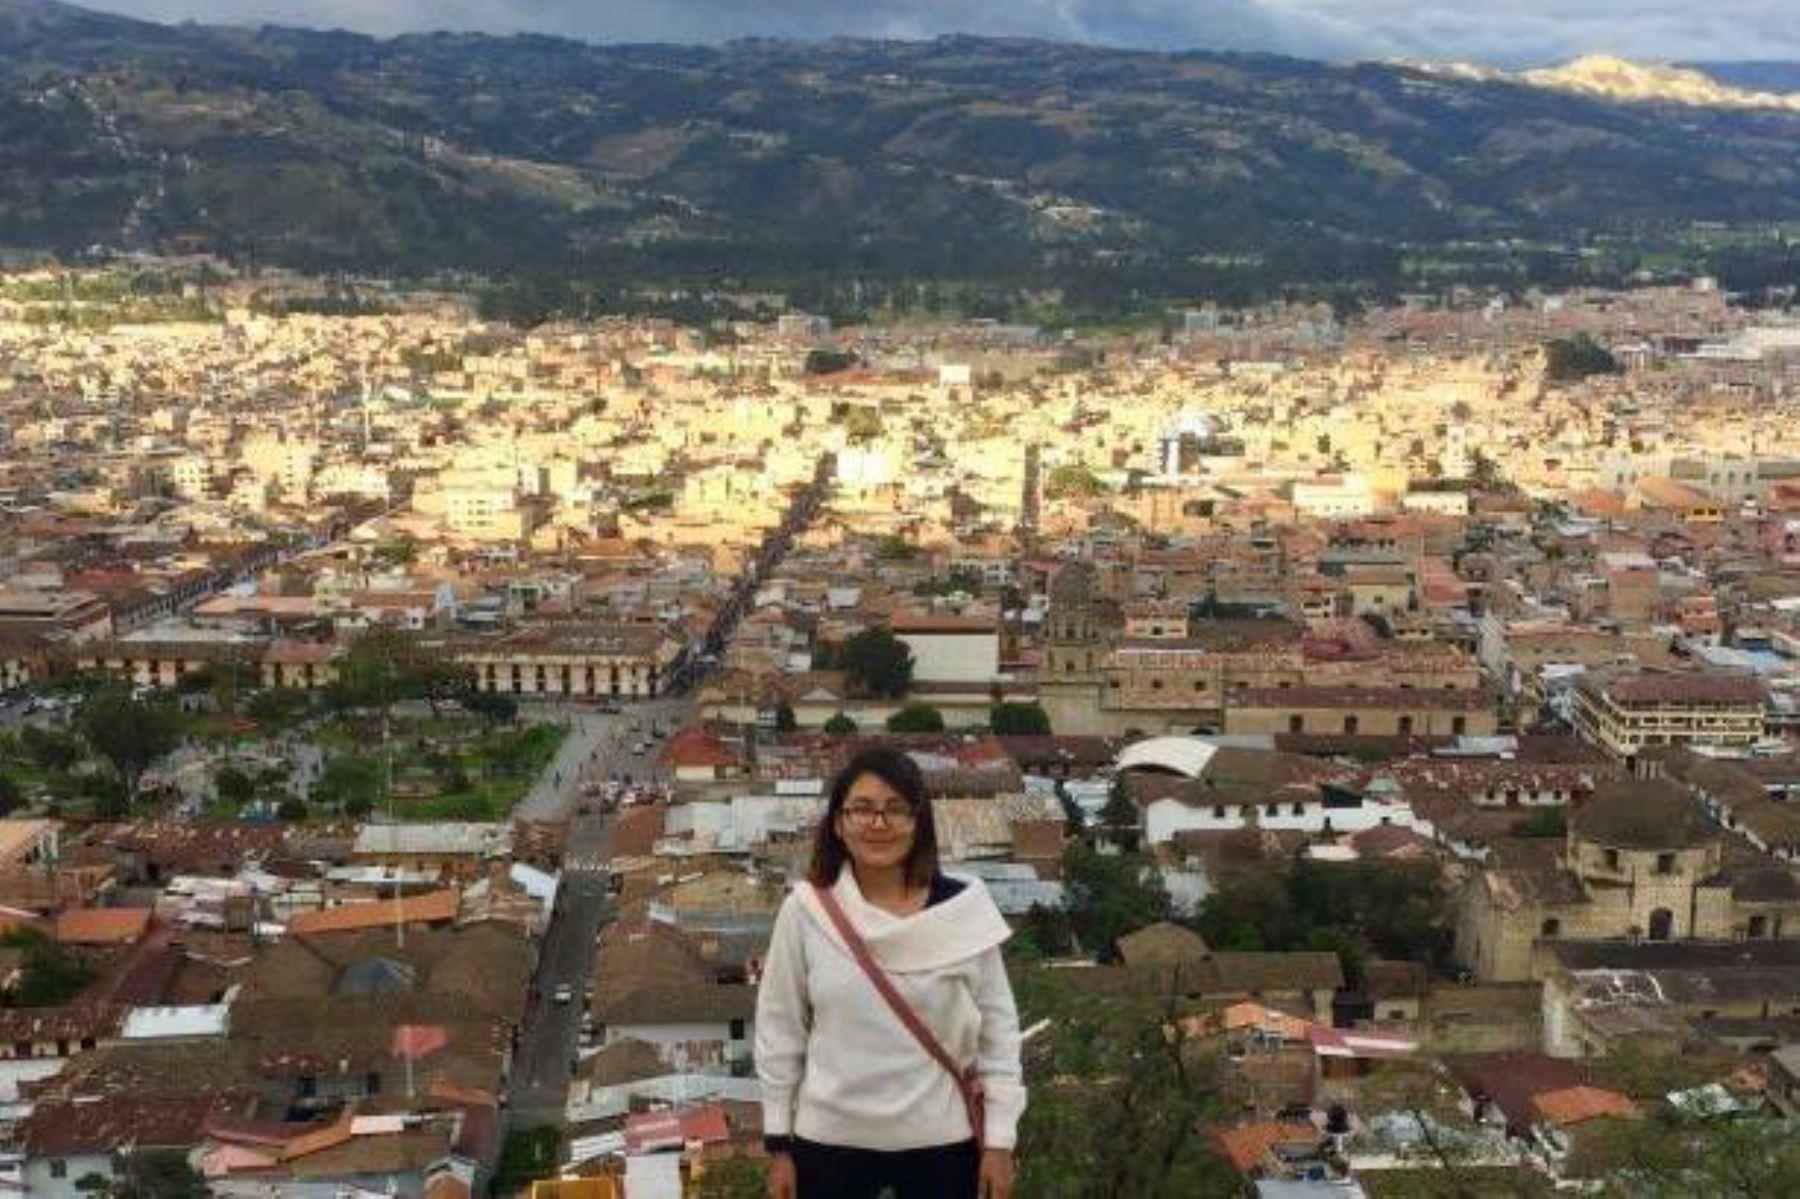 En el 2012, Madai Urteaga dijo en una entrevista a un diario local que sus planes eran seguir la carrera de Ciencia Política y Gobierno en la PUCP, cursar un posgrado en la Universidad de Harvard y ser presidenta del Perú. En aquel momento, Madai acababa de terminar el colegio.Foto: Facebook